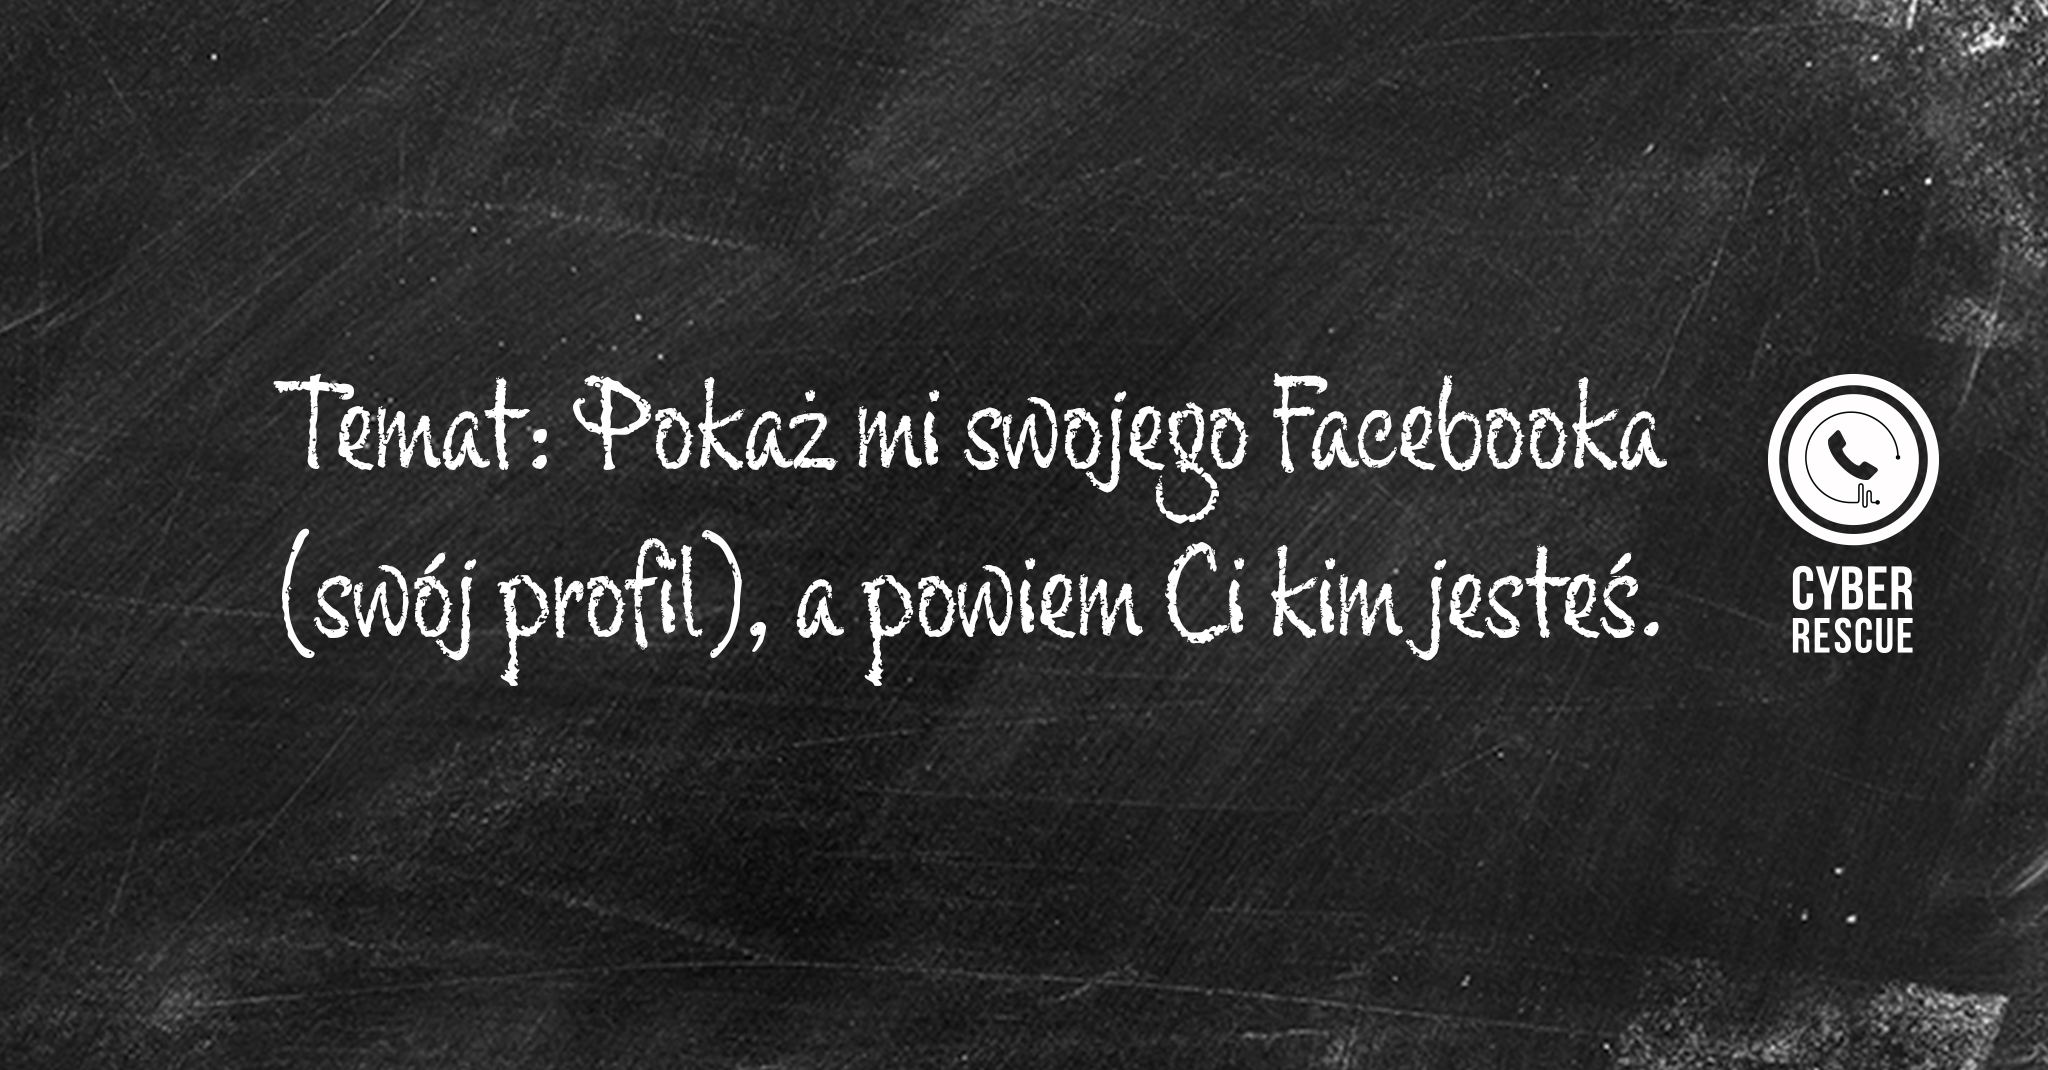 Lekcja 2: Pokaż mi swojego Facebooka, apowiem Ci kim jesteś